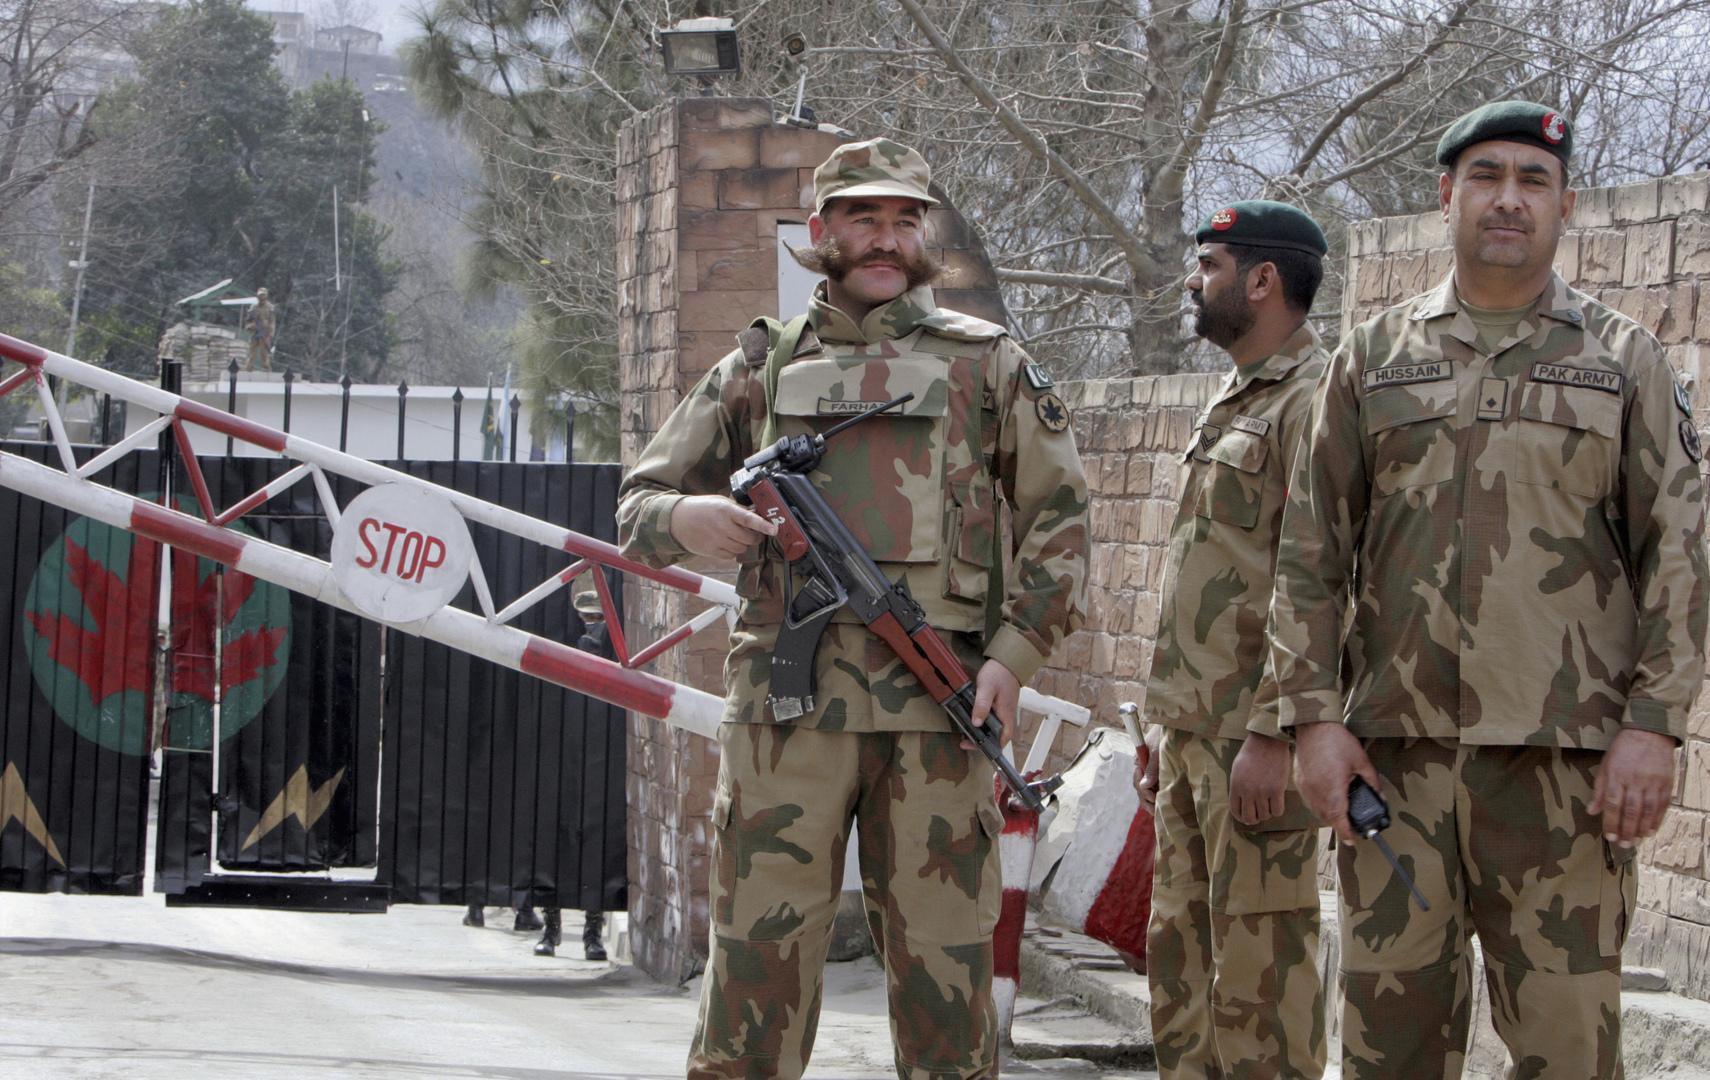 باكستان تشكو الهند للأمم المتحدة على نيتها نشر الصواريخ في كشمير